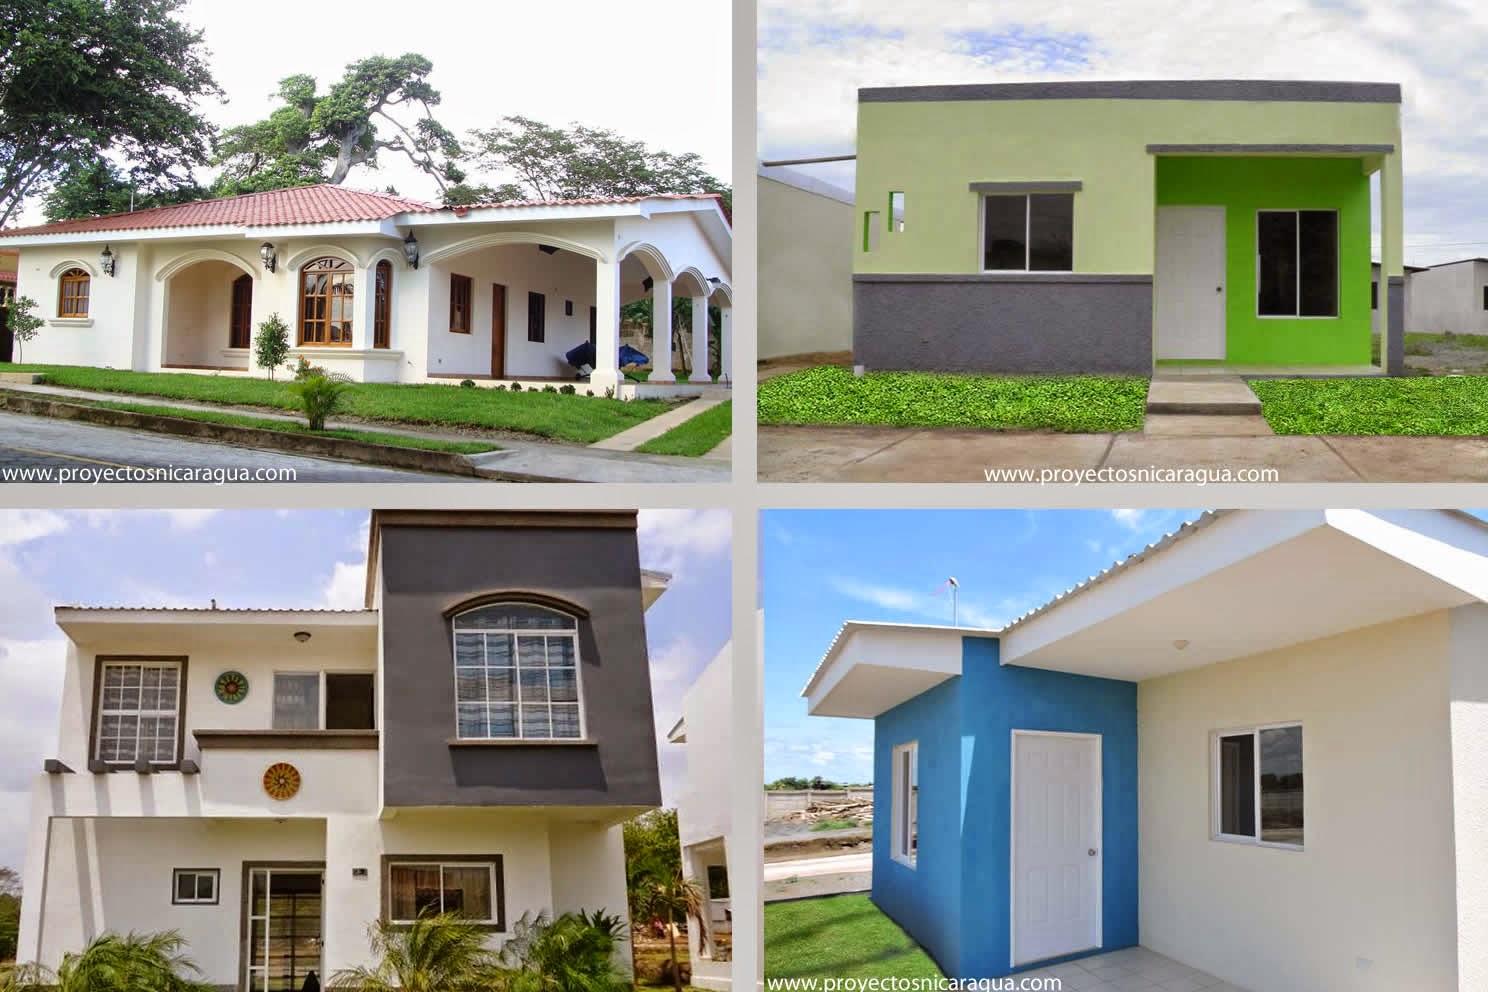 Fotos Urbanizaciones Residenciales En Managua Nuevos